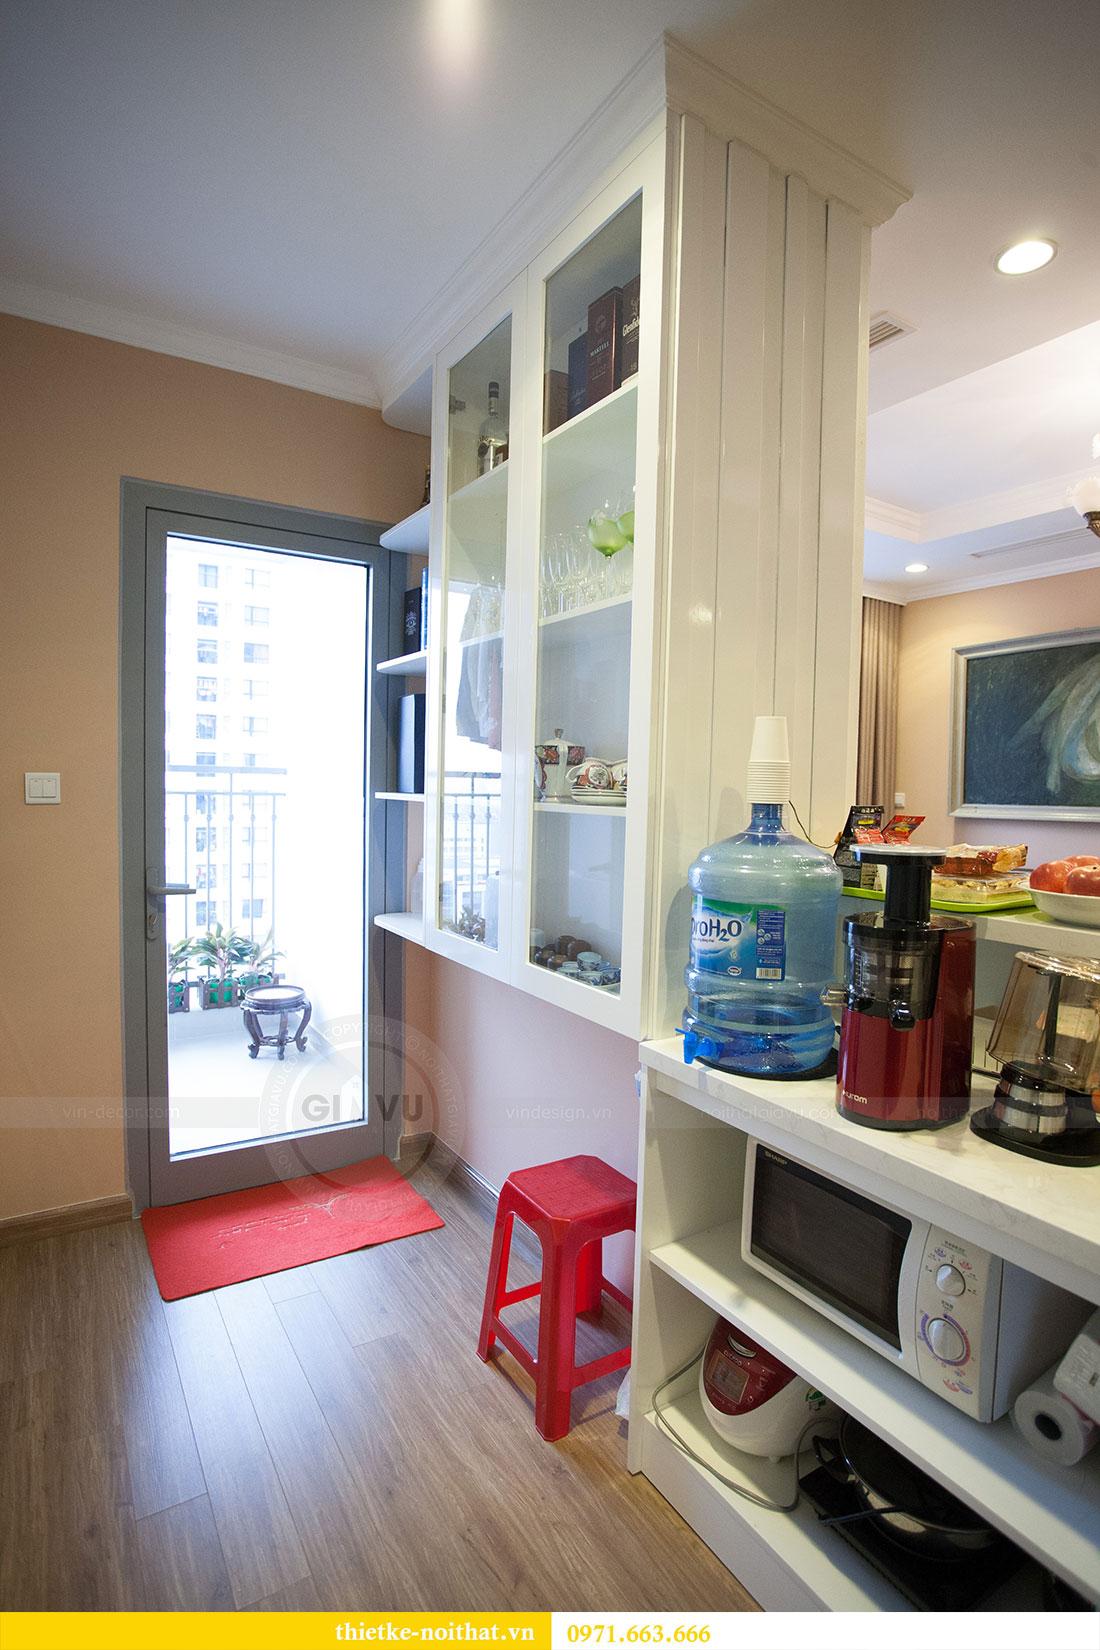 Hoàn thiện nội thất chung cư Park Hill nhà nhạc sỹ Nguyễn Cường 10